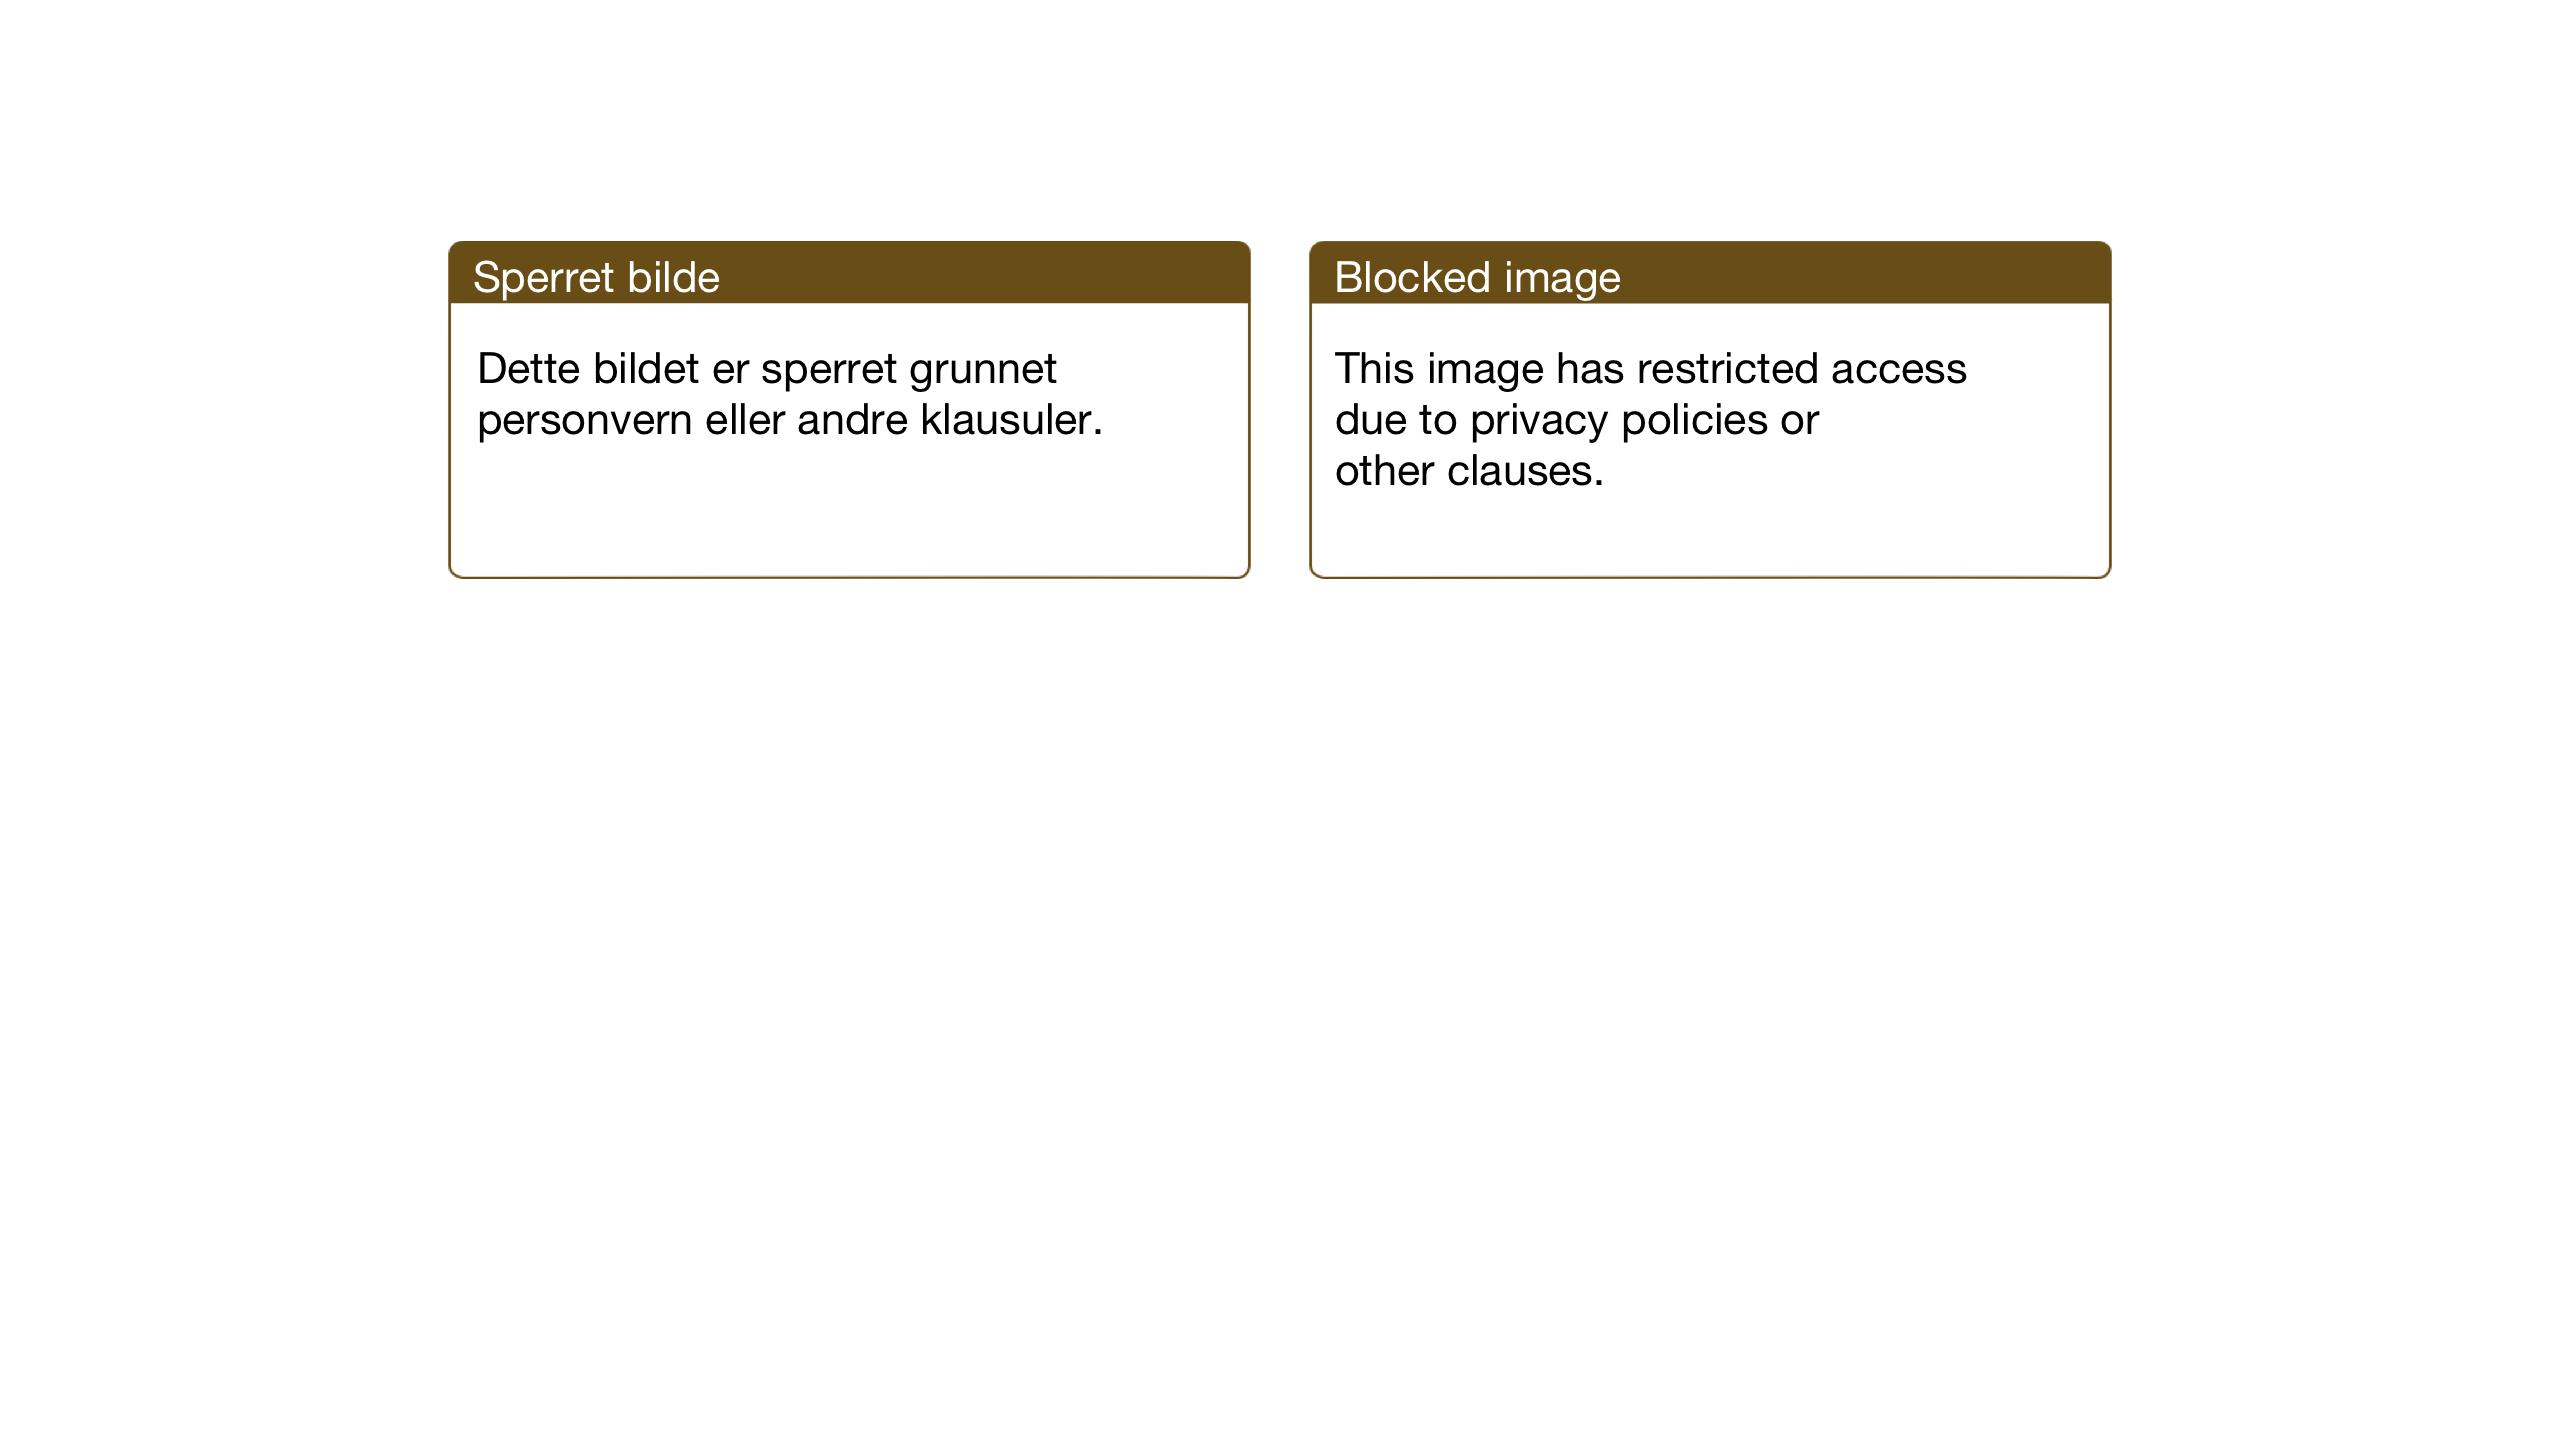 SAT, Ministerialprotokoller, klokkerbøker og fødselsregistre - Sør-Trøndelag, 607/L0328: Klokkerbok nr. 607C02, 1940-1948, s. 104